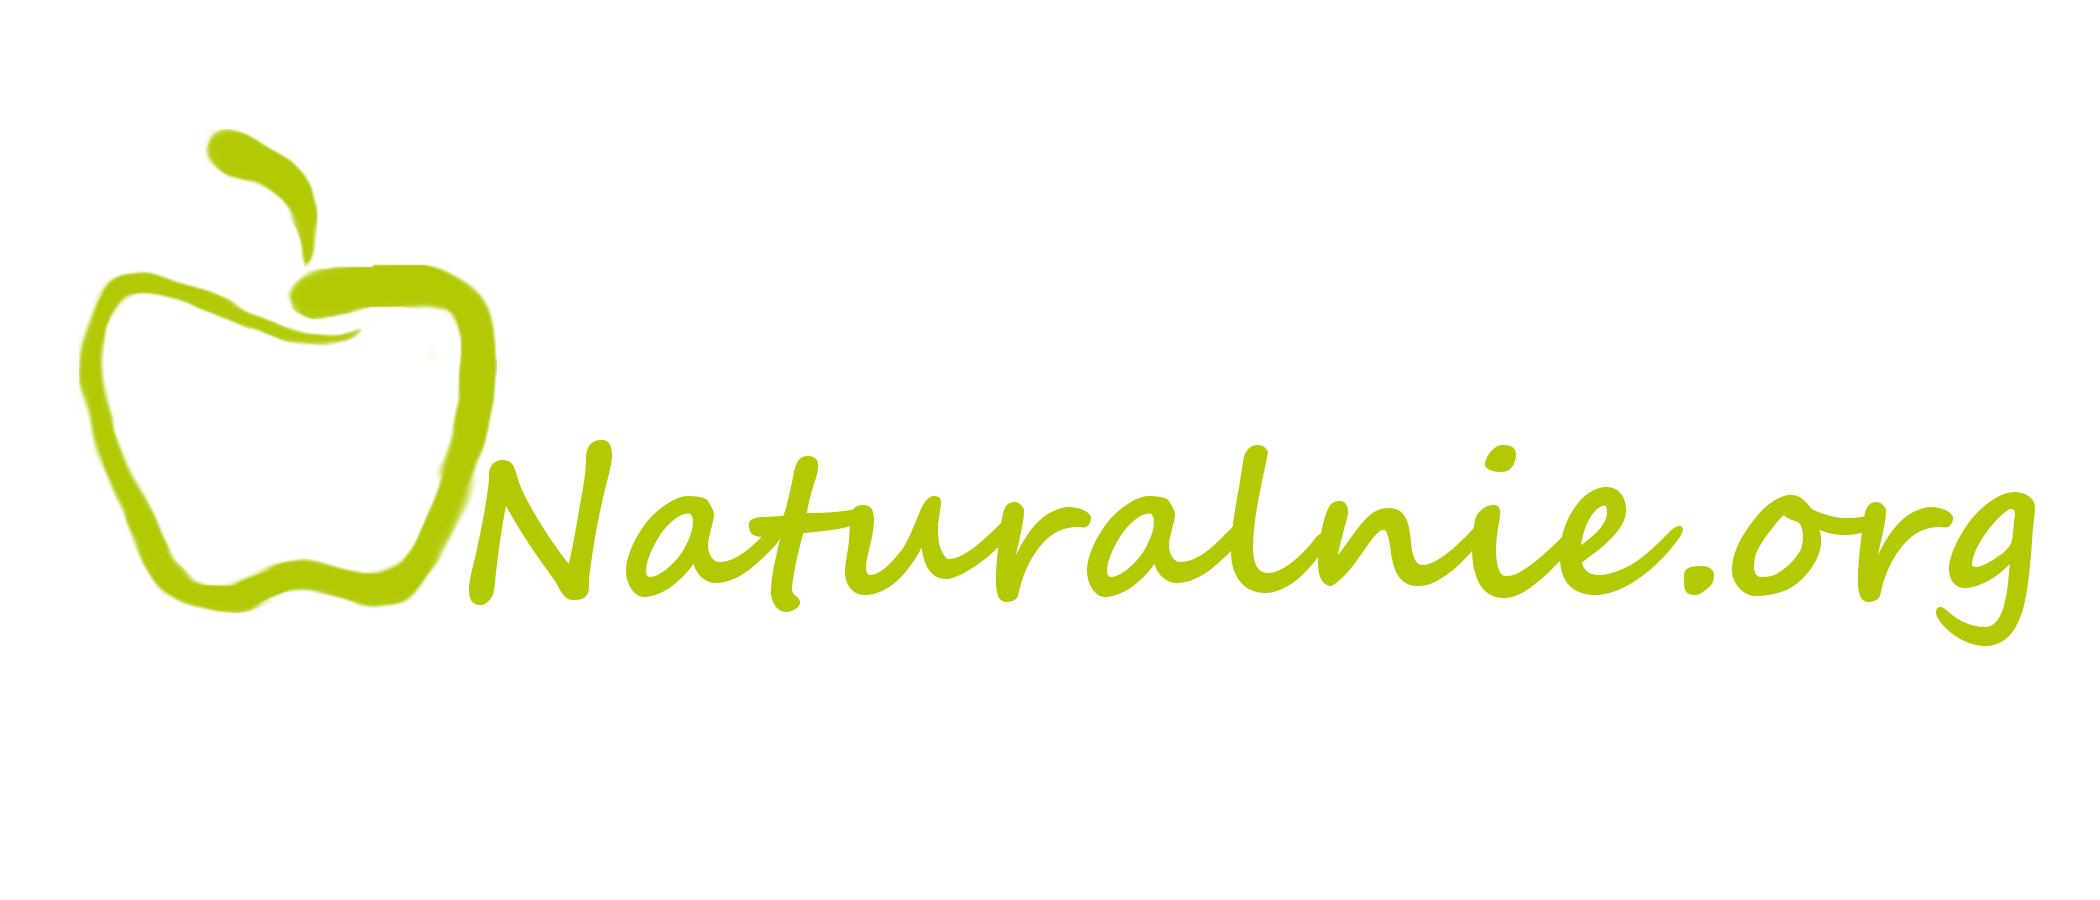 naturalnie-org-logo.png